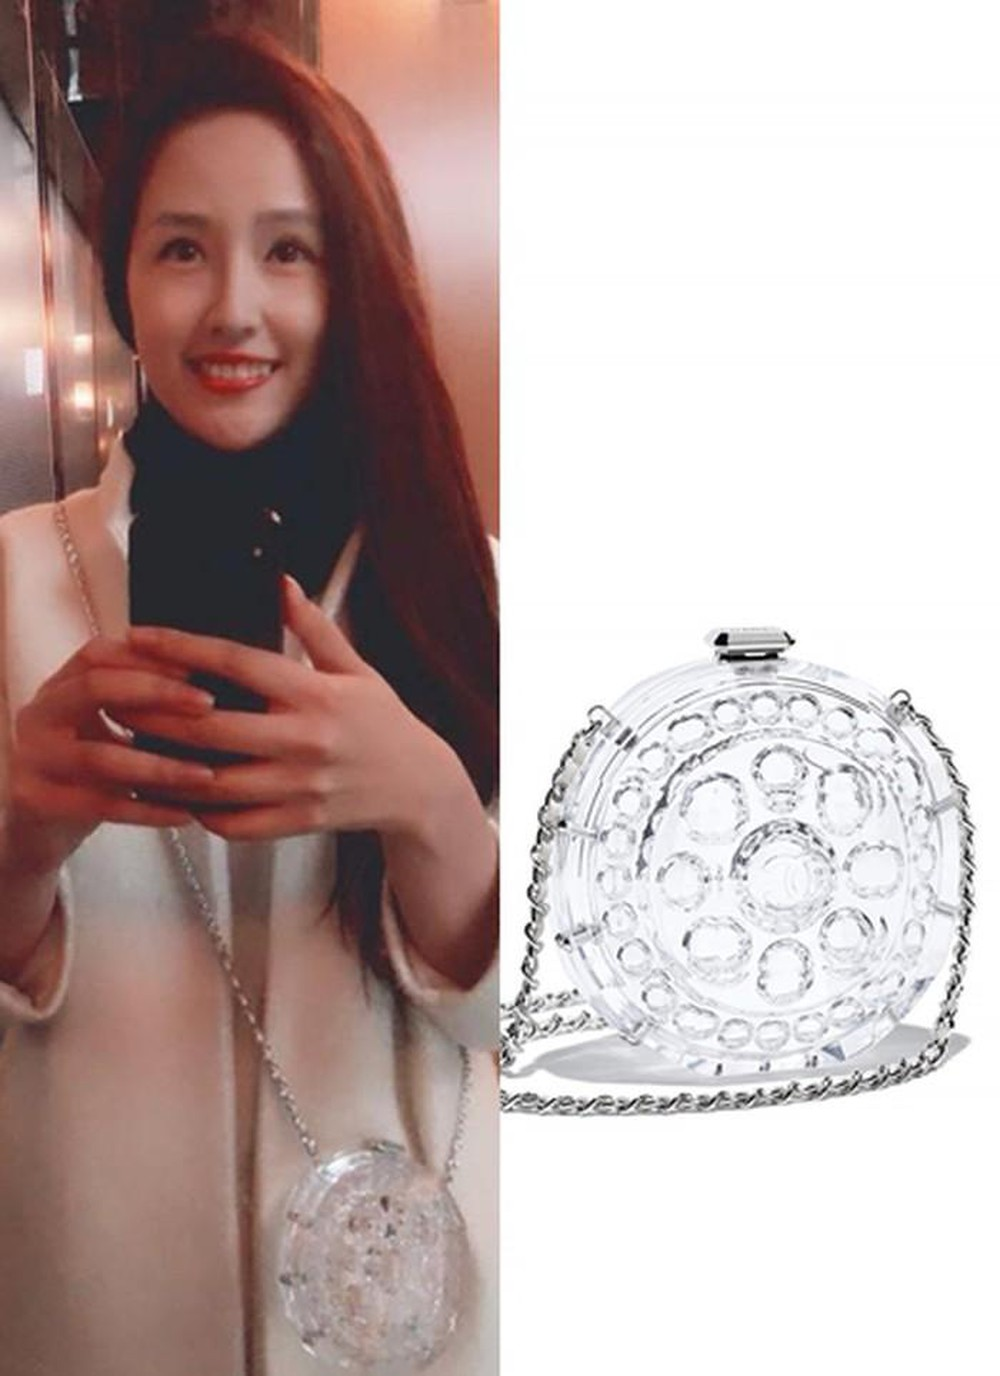 Người đẹp từng chi 300 triệu đồng để sắm chiếc túi giới hạn của Chanel chỉ đựng vừa một thỏi son, và cũng chỉ mới được cô sử dụng một lần.